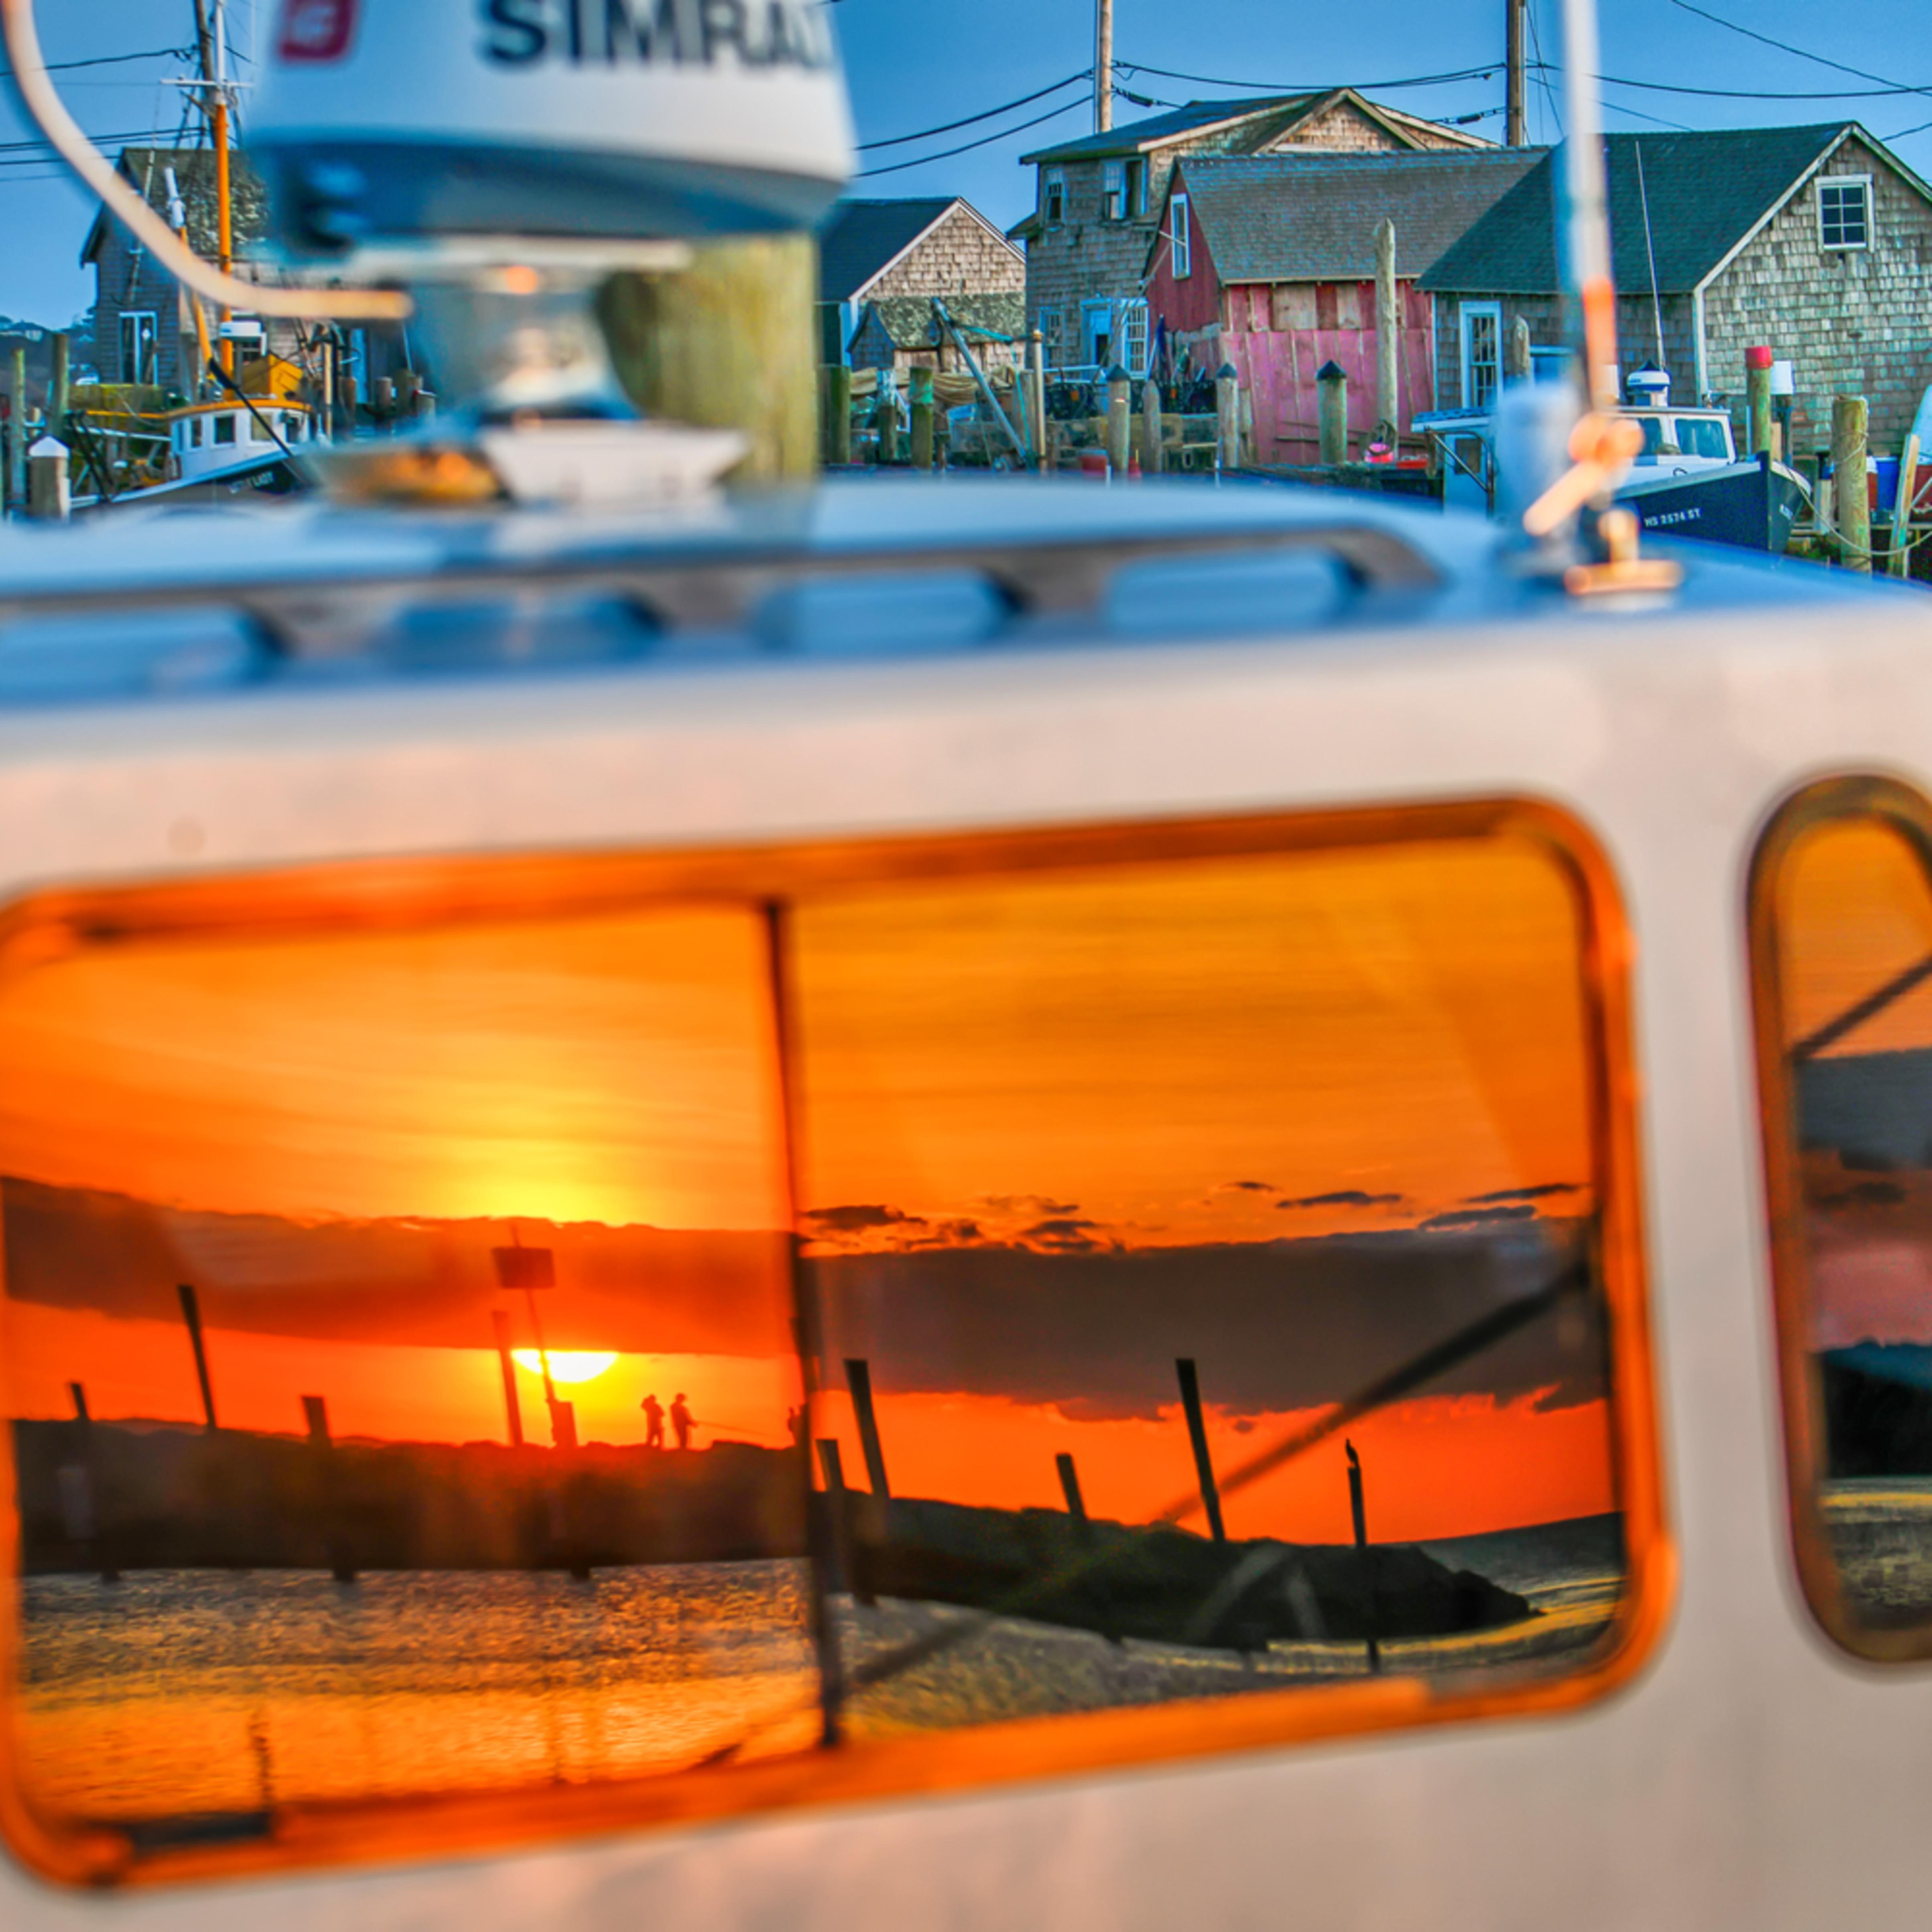 Menemsha boat reflection 1 hggqzf